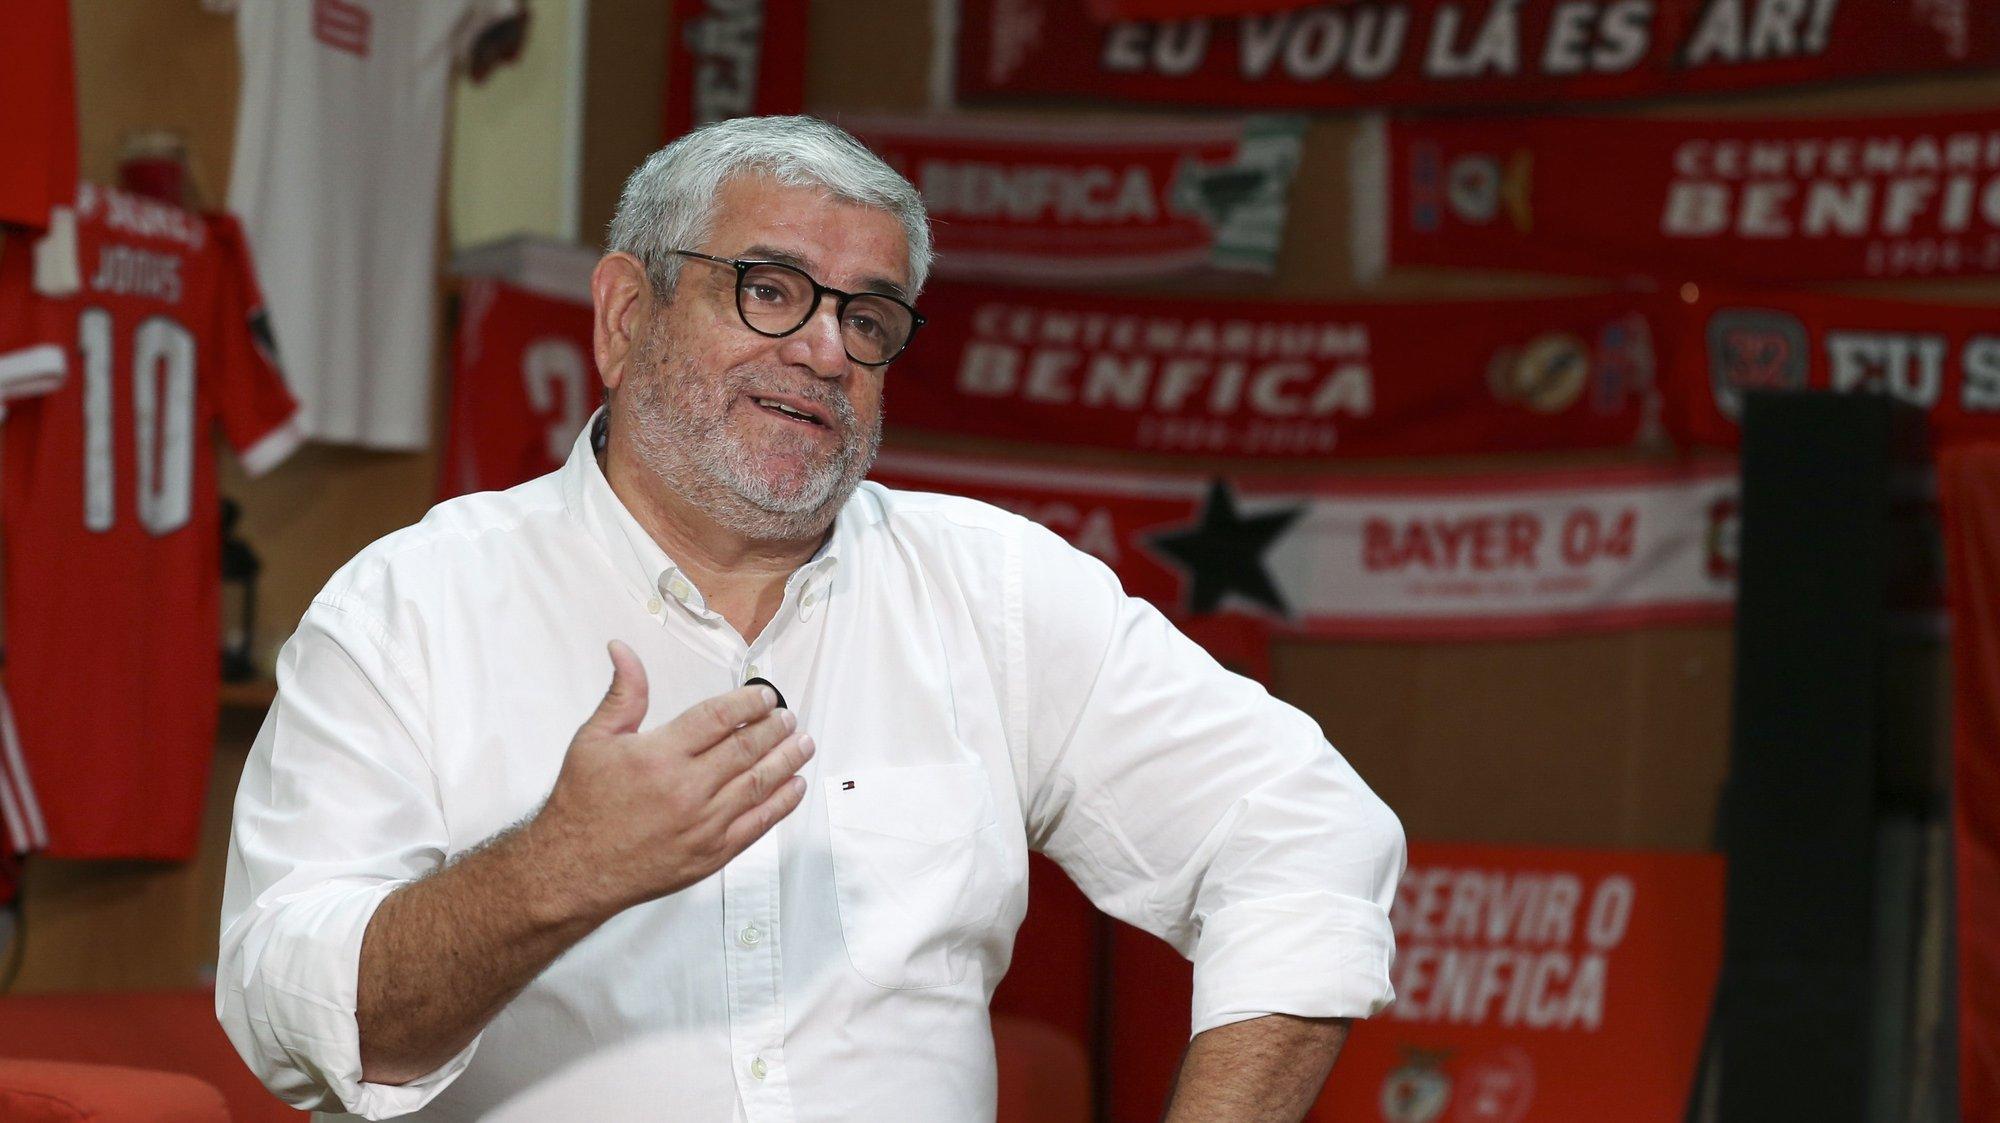 Francisco Benitez, candidato à presidência do SL Benfica, durante entrevista à Agência Lusa na sede de candidatura, em Lisboa, 4 de outubro de 2021. ( ACOMPANHA TEXTO DO DIA 7 DE OUTUBRO DE 2021). MANUEL DE ALMEIDA/LUSA